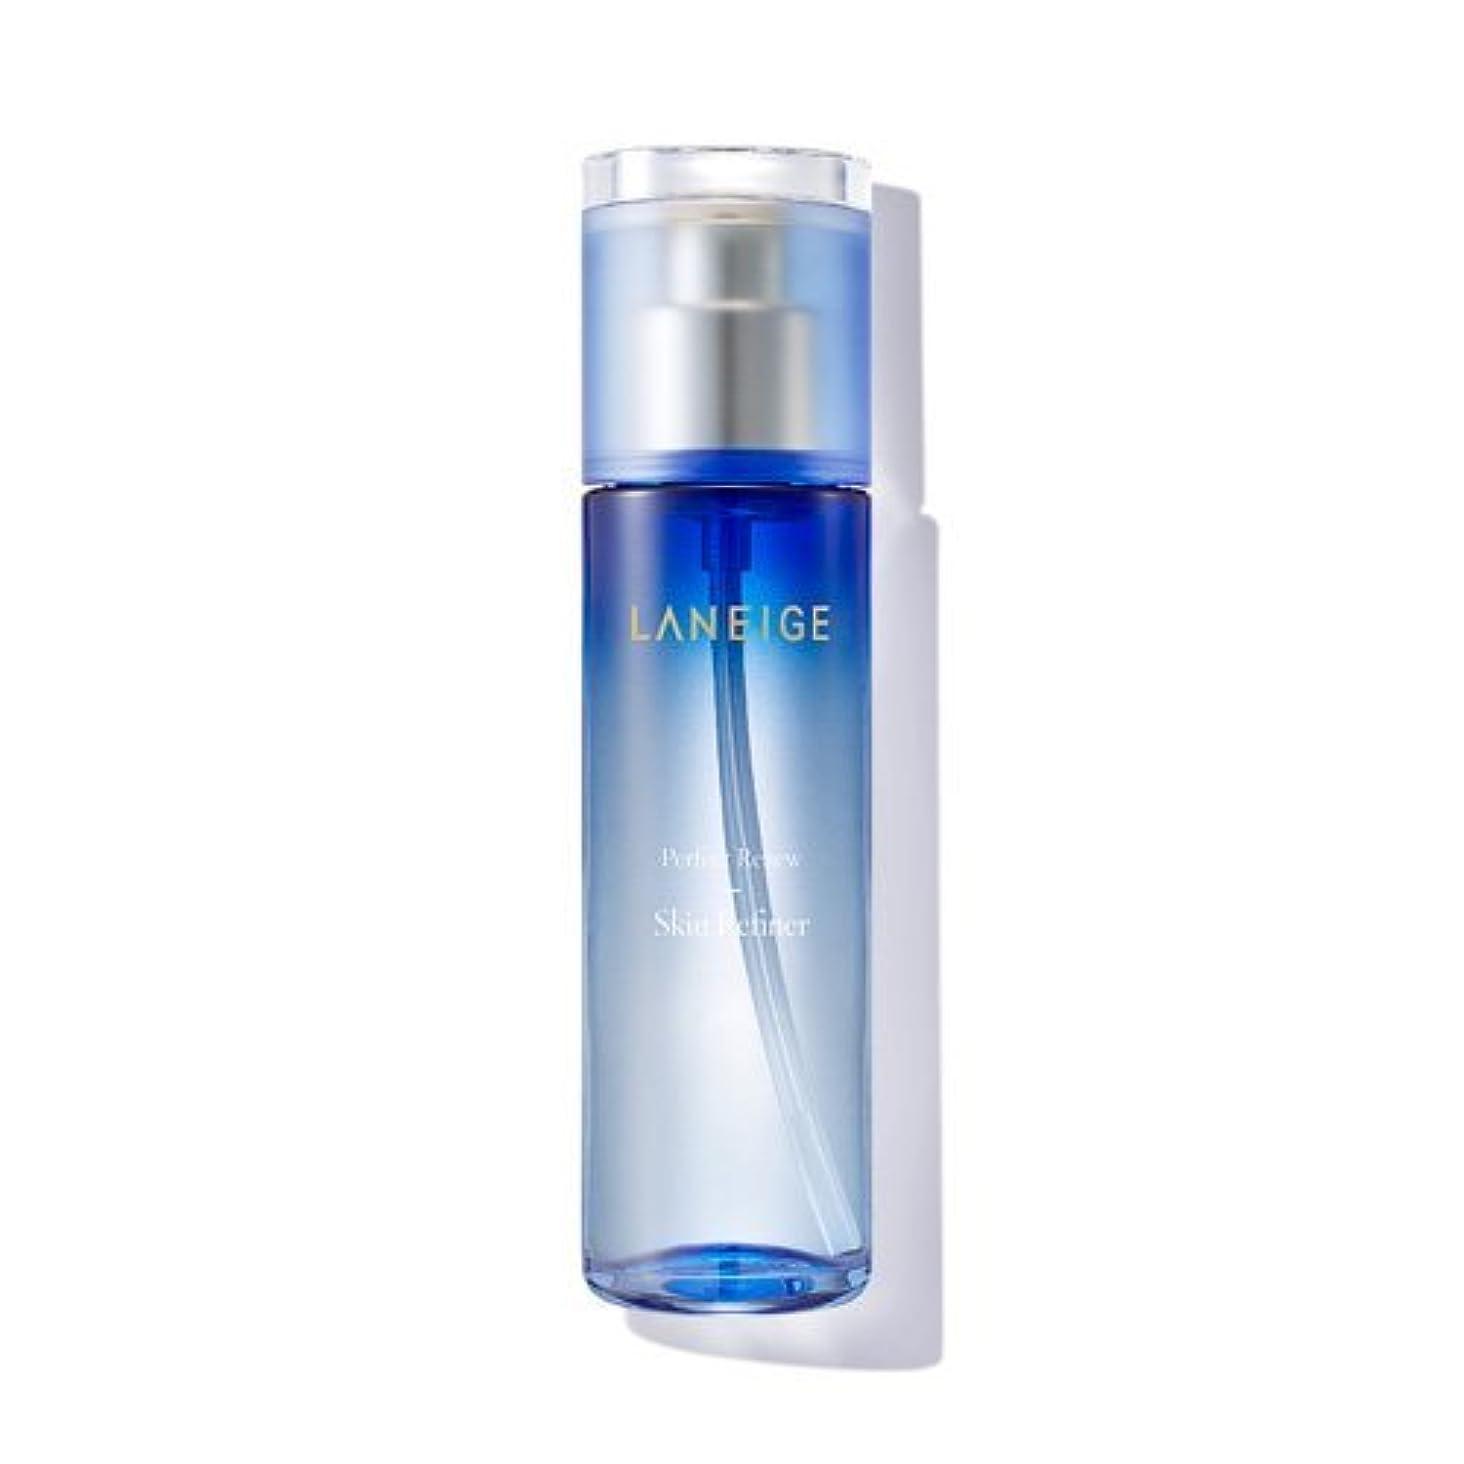 役に立たない同封する繊毛Laneige Perfect Renew Skin Refiner 120ml